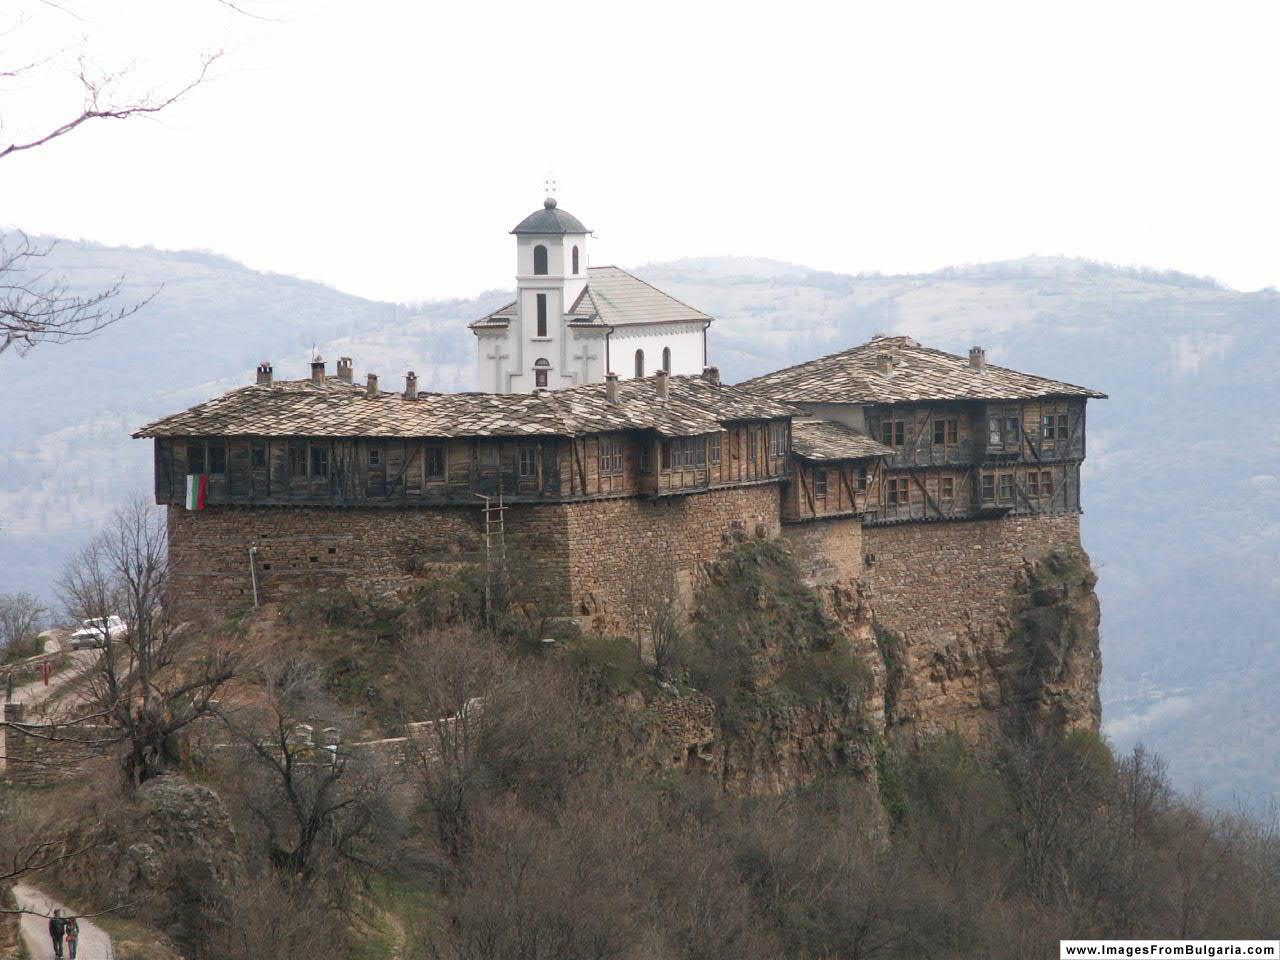 И все пак този величествен отрязък от Средновековието, който се пъчи гордо в подножието на връх Камен Лисец, е бил интелектуално средище и революционен център. Самият Левски многократно се е укривал в него.